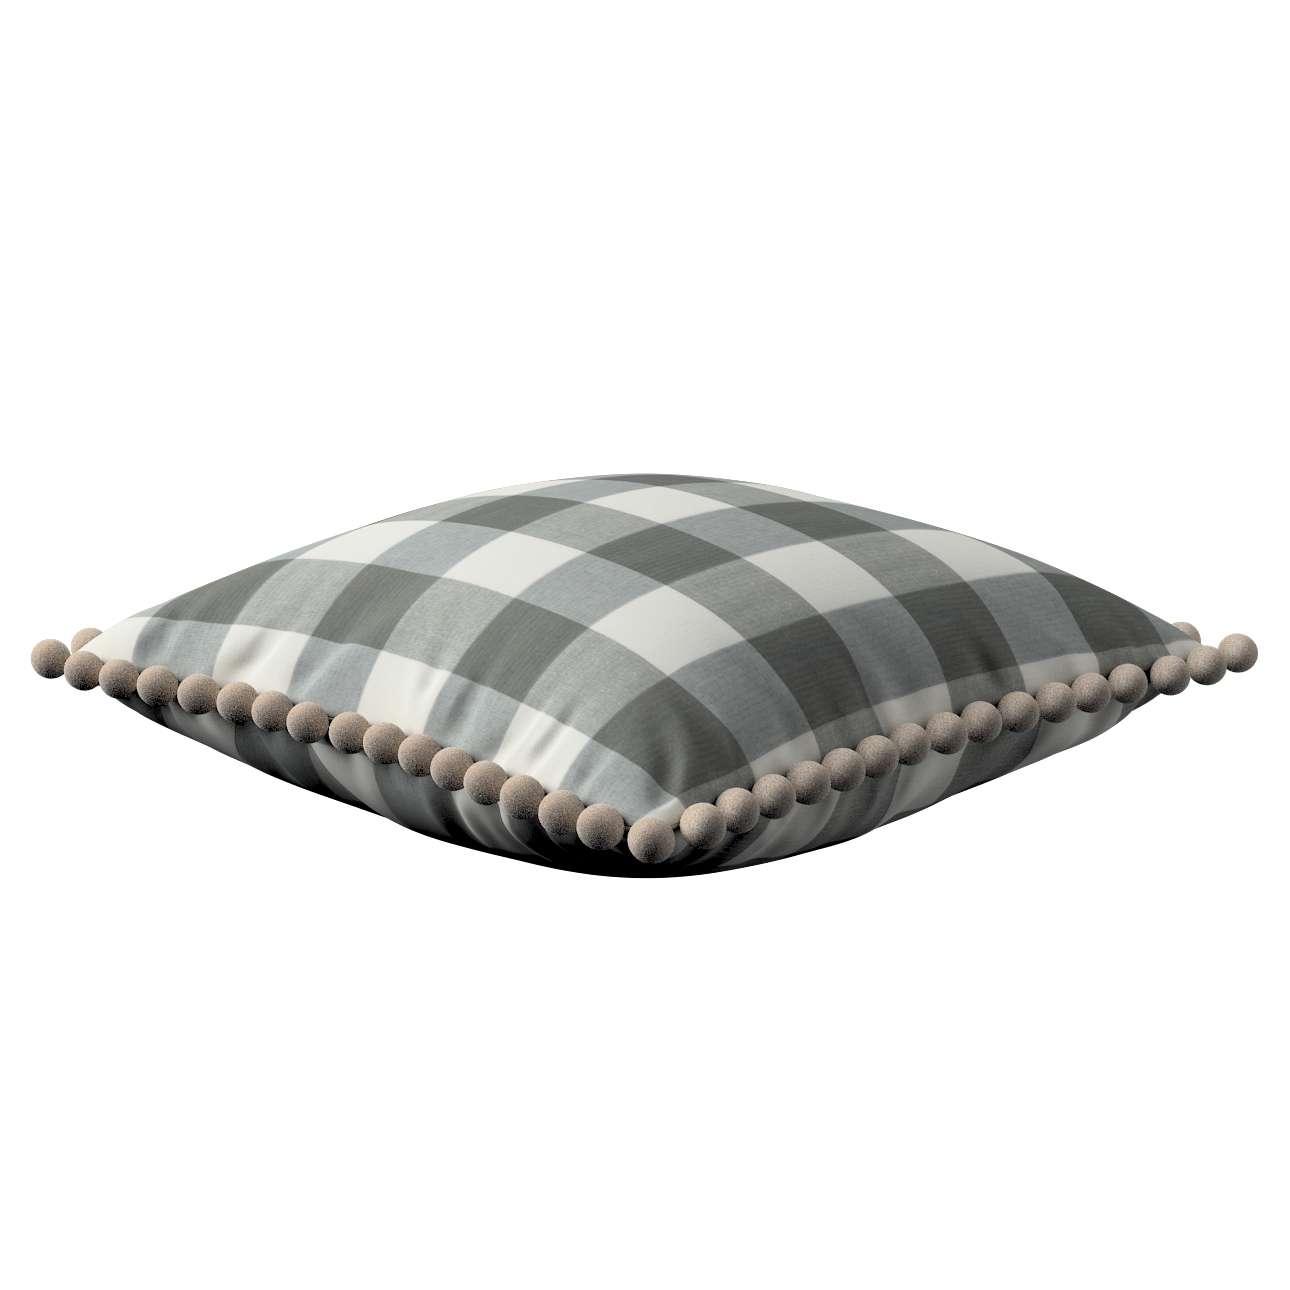 Poszewka Wera na poduszkę 45 x 45 cm w kolekcji Quadro, tkanina: 136-13